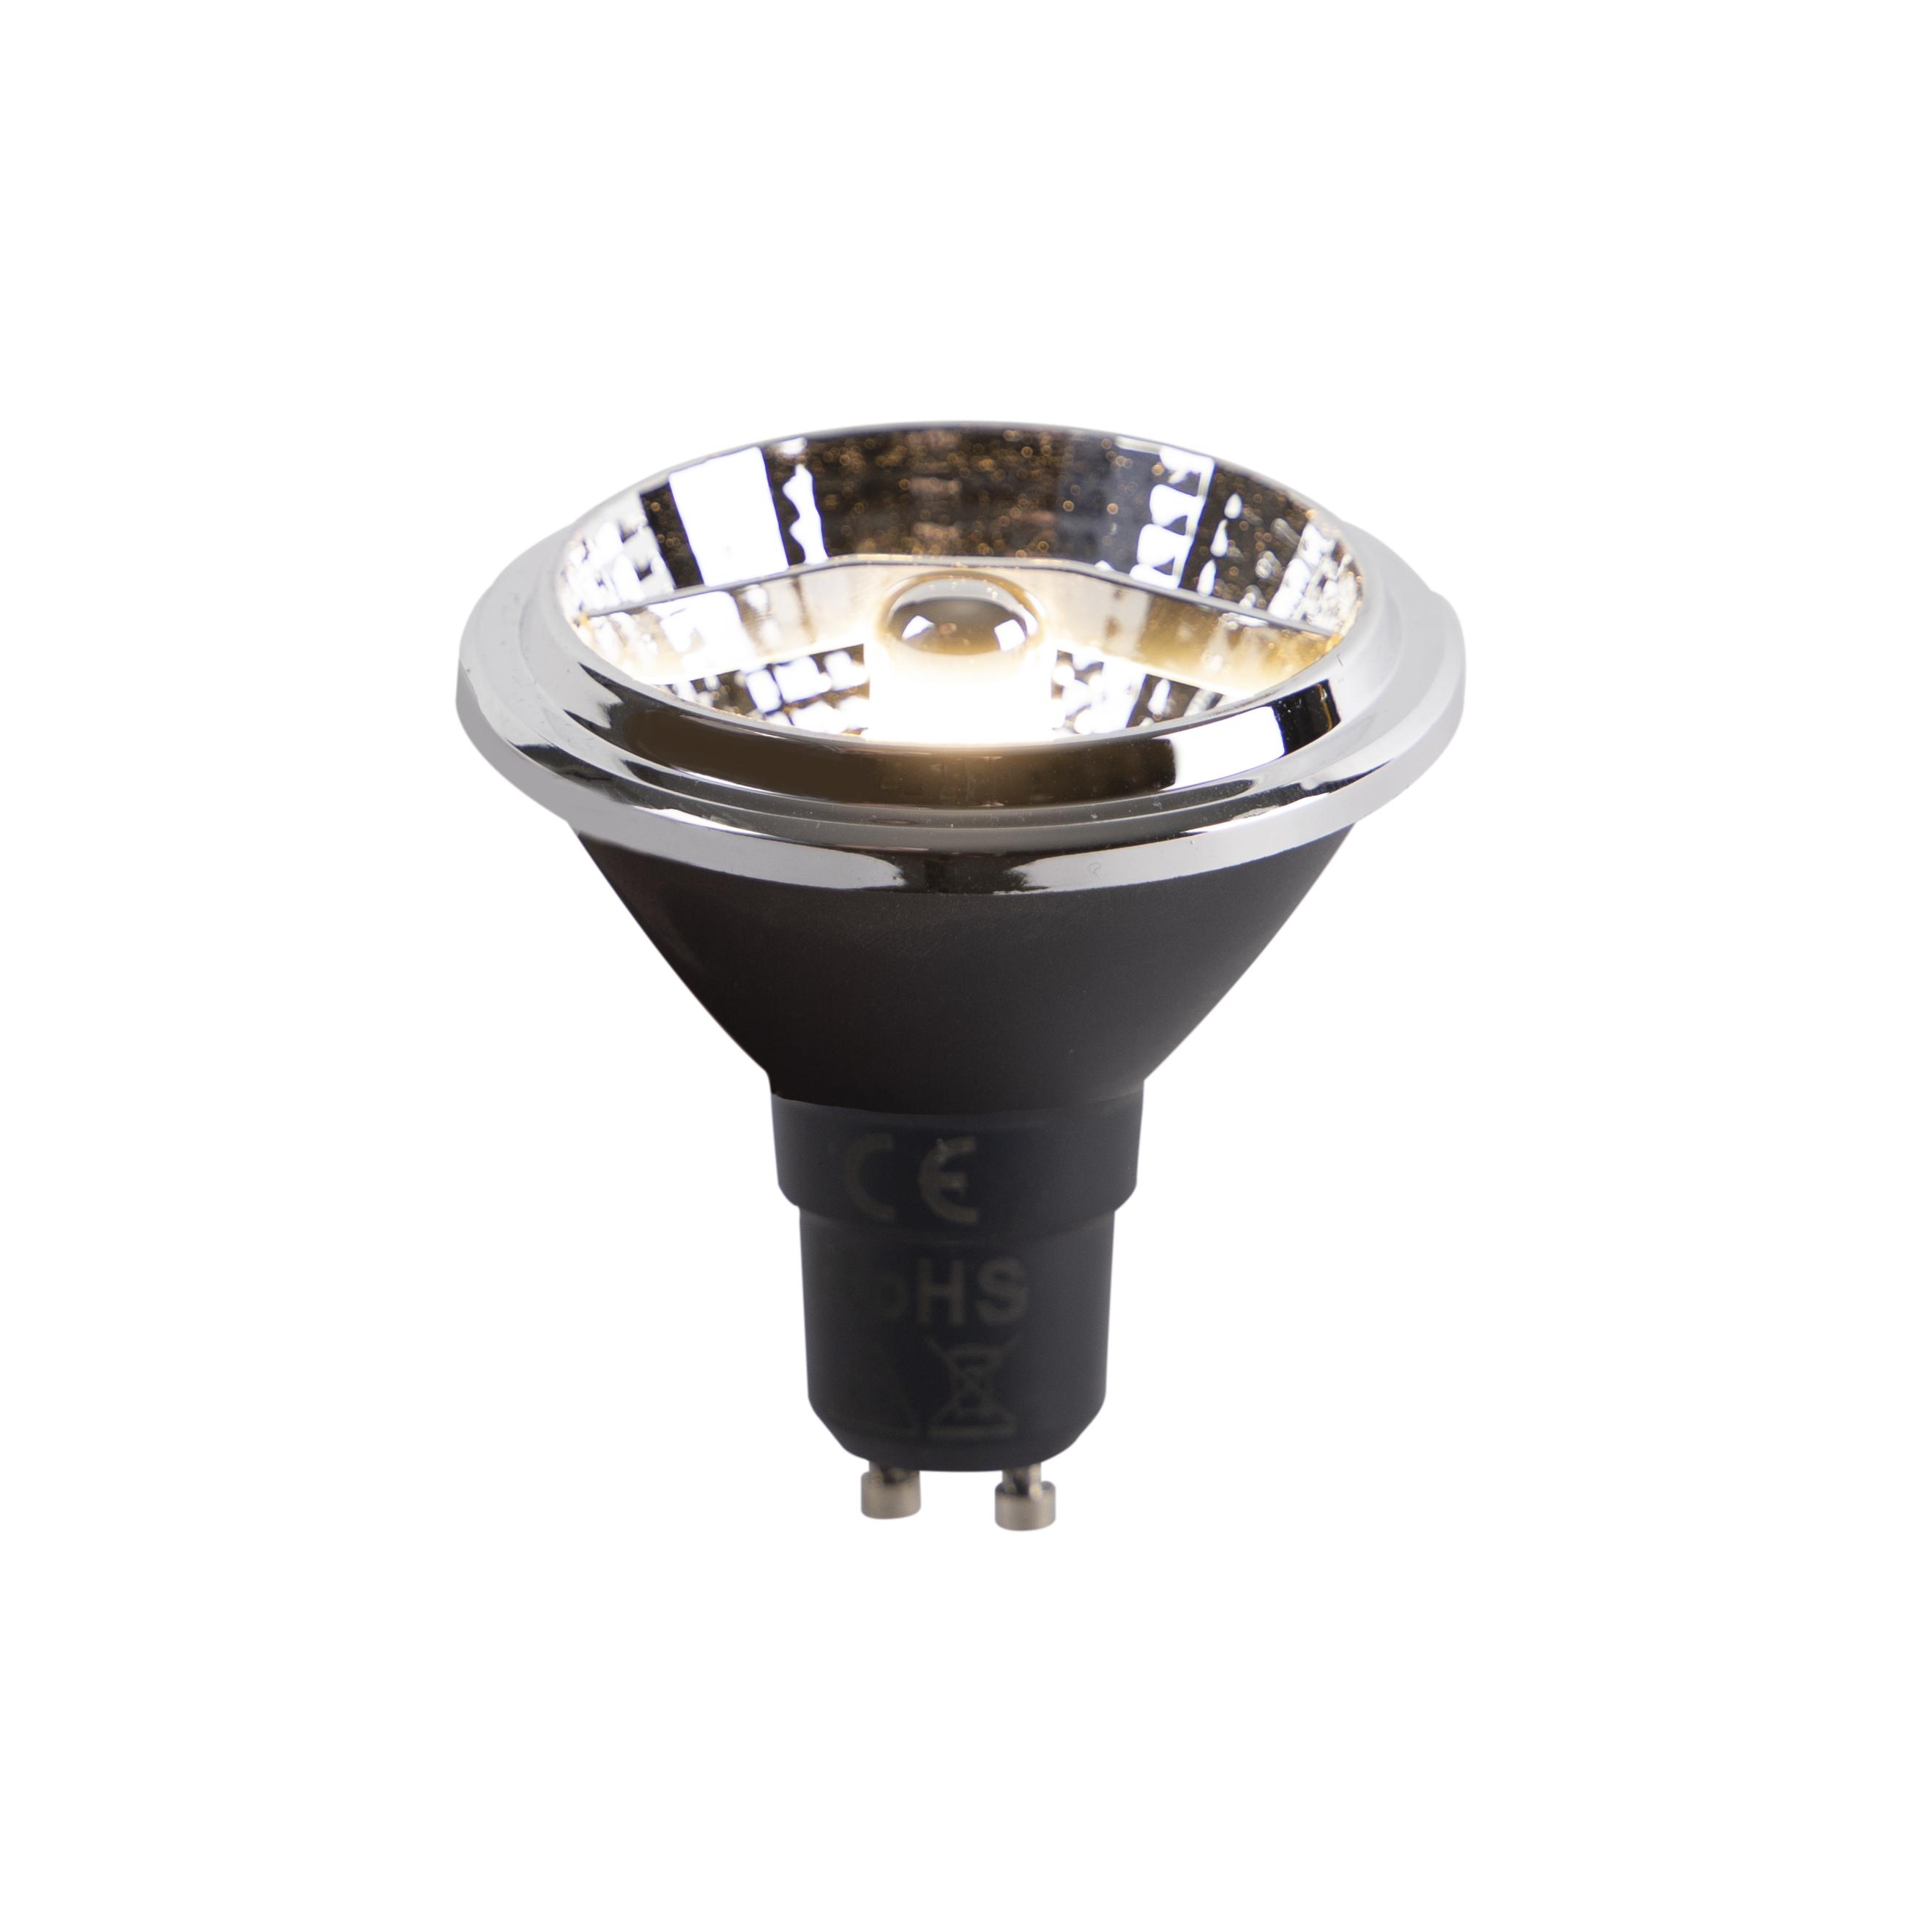 LED lamp AR70 GU10 6W 3000K